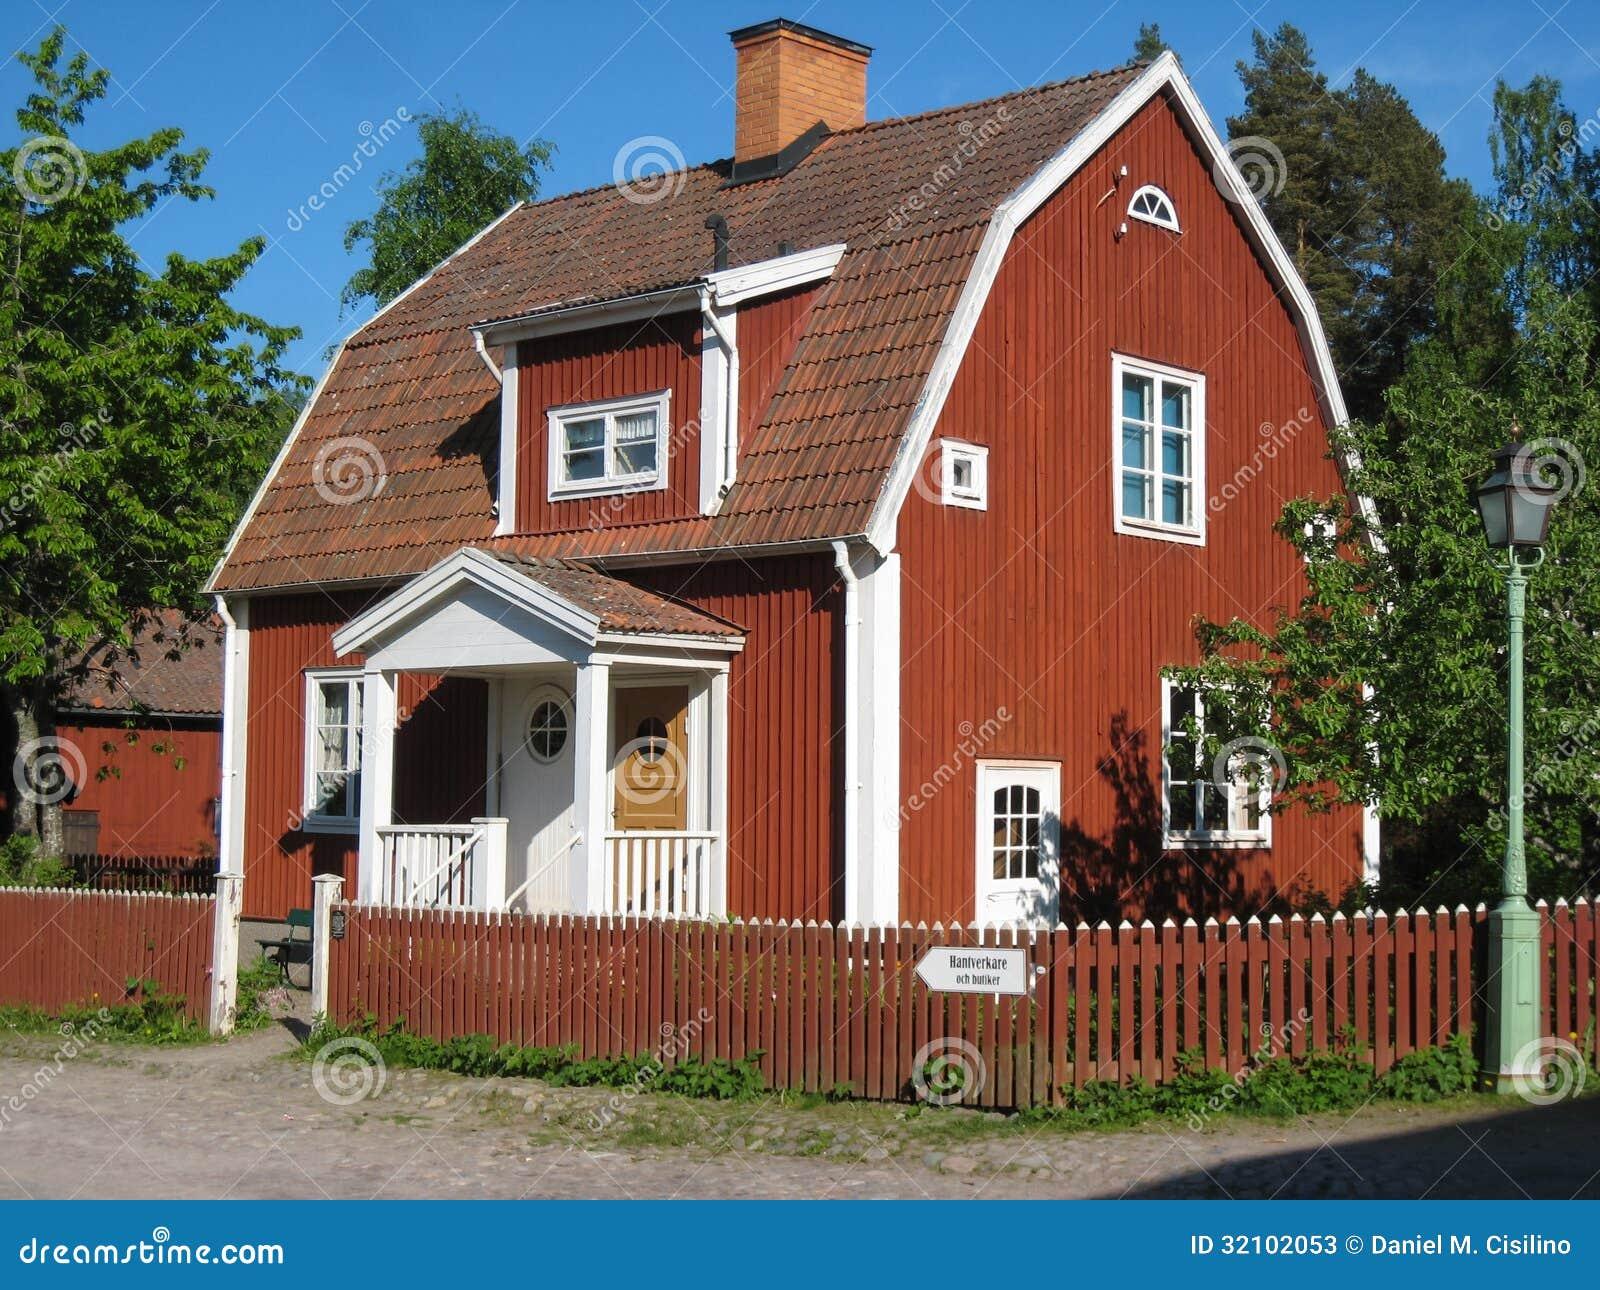 Oud typisch Zweeds rood huis. Linkoping. Zweden.